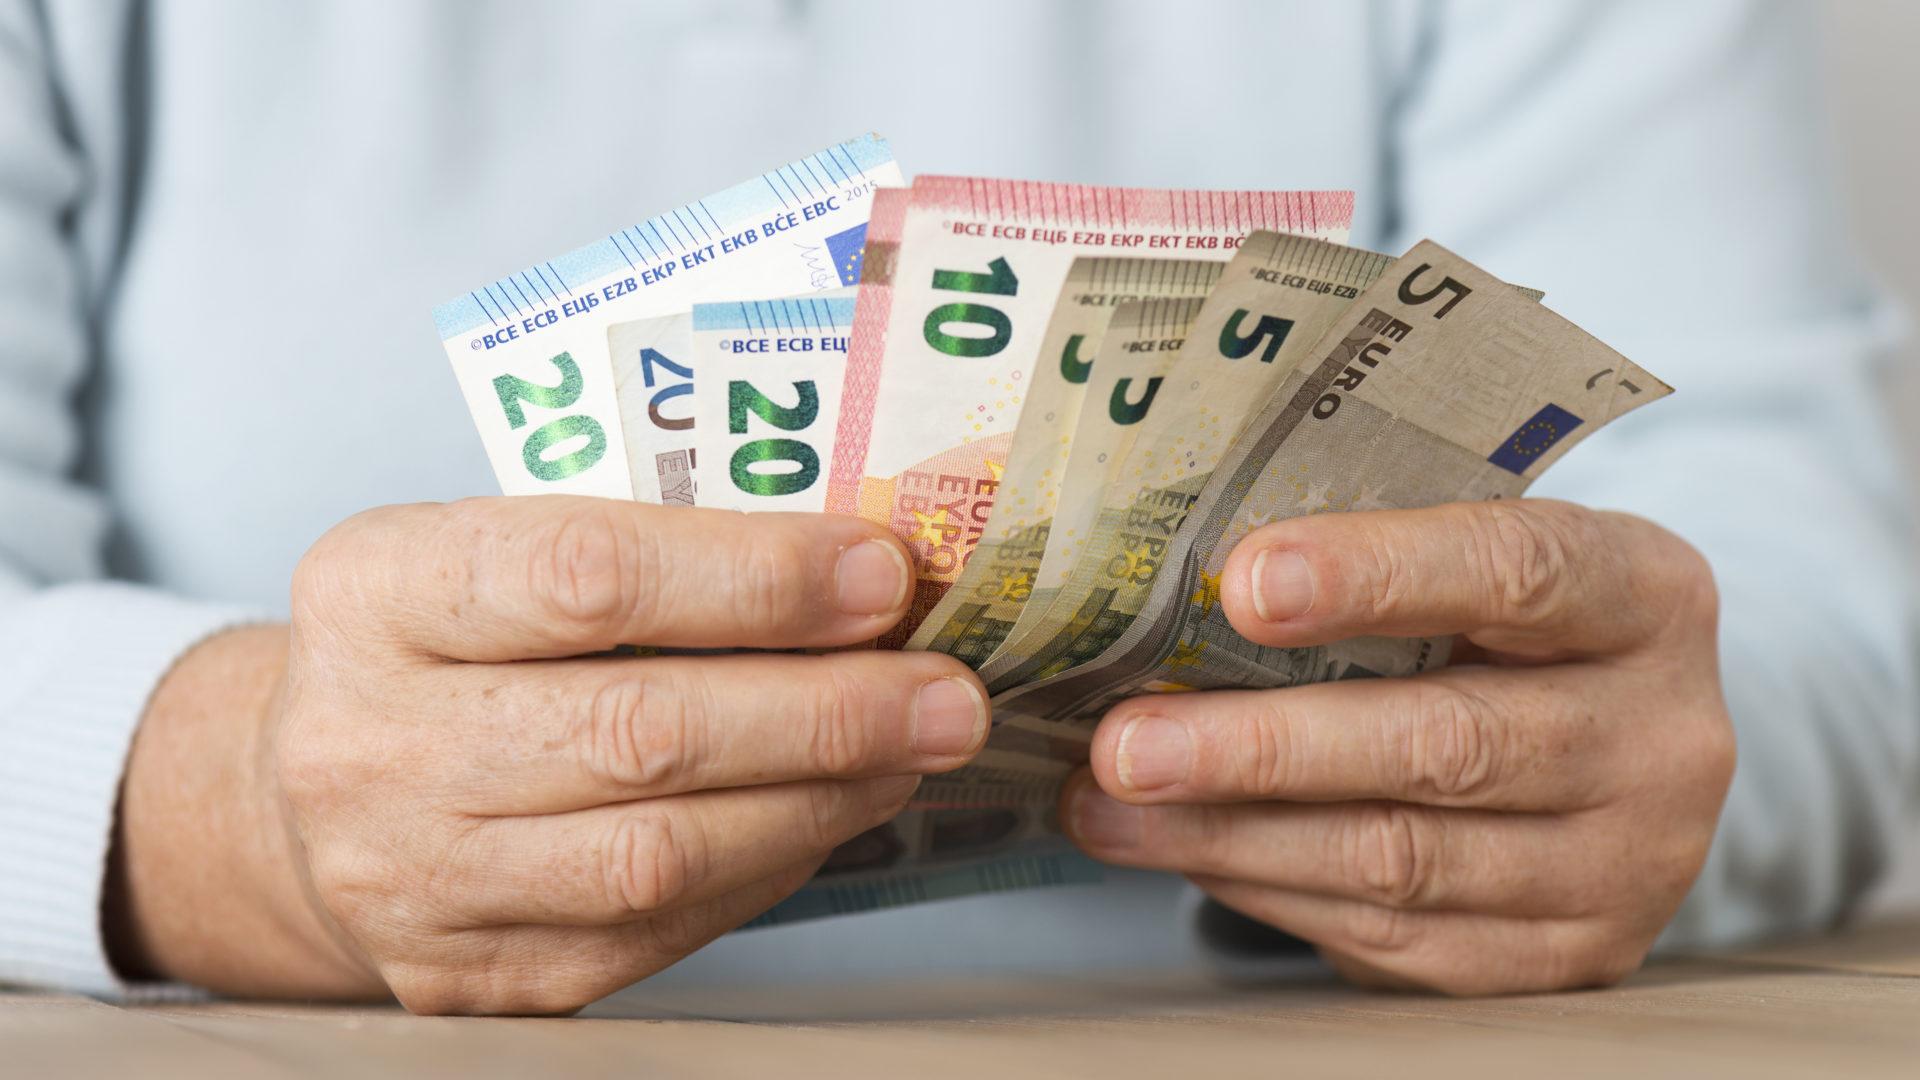 Eläkeikää lähestyvät ovat huolissaan tulevan eläkkeensä riittävyydestä.